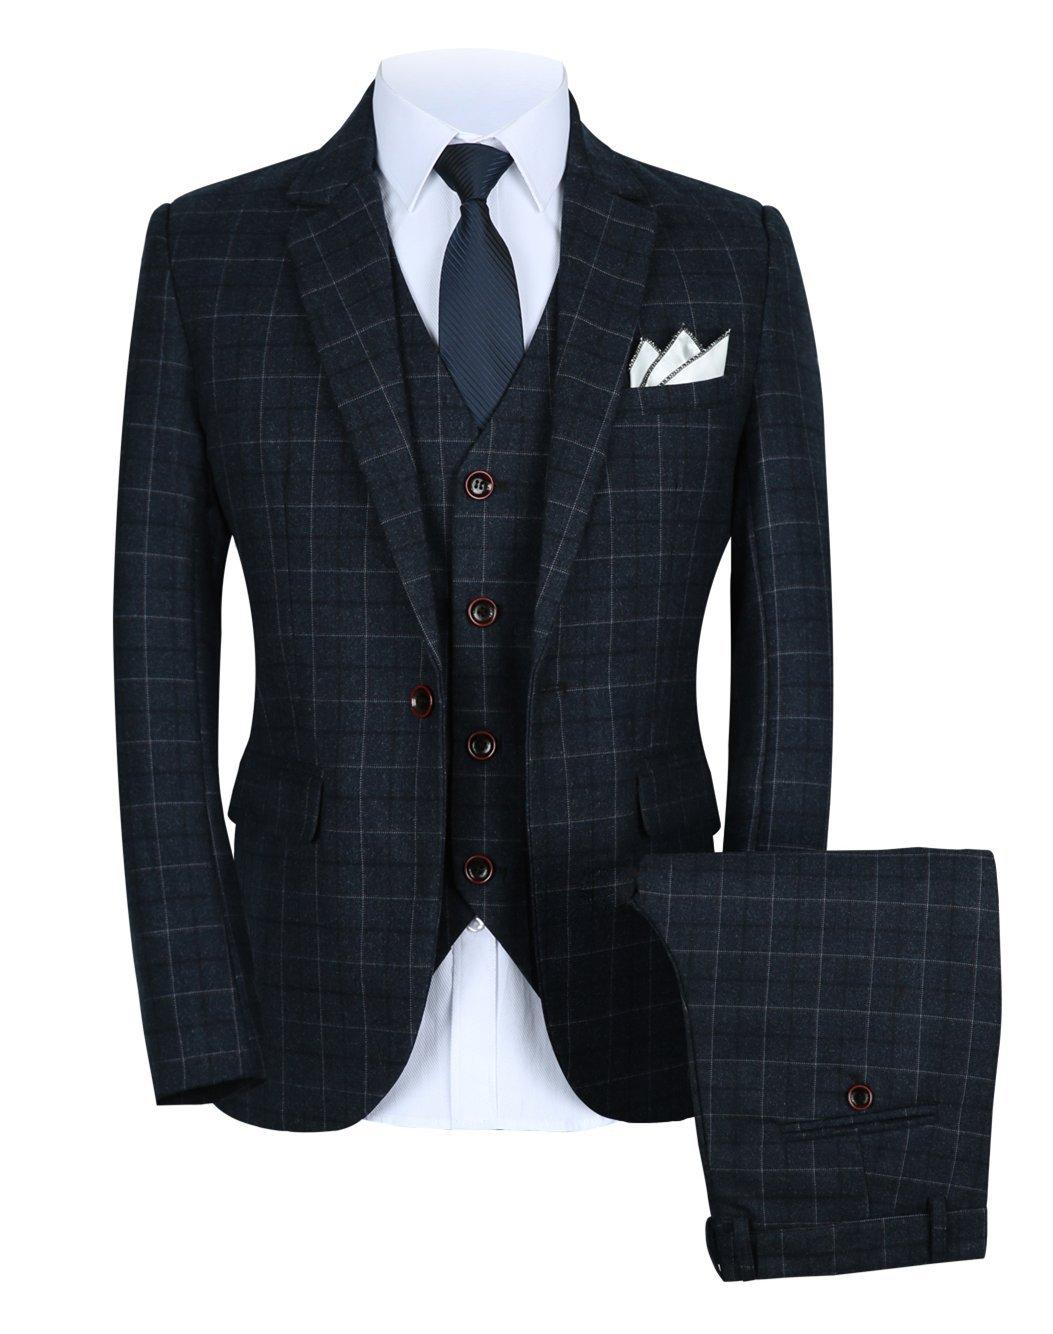 Mens One Button Slim Fit Plaid Suit Blazer+Vest+Pants US Size 36 (Lable 2XL) Gray by MOGU